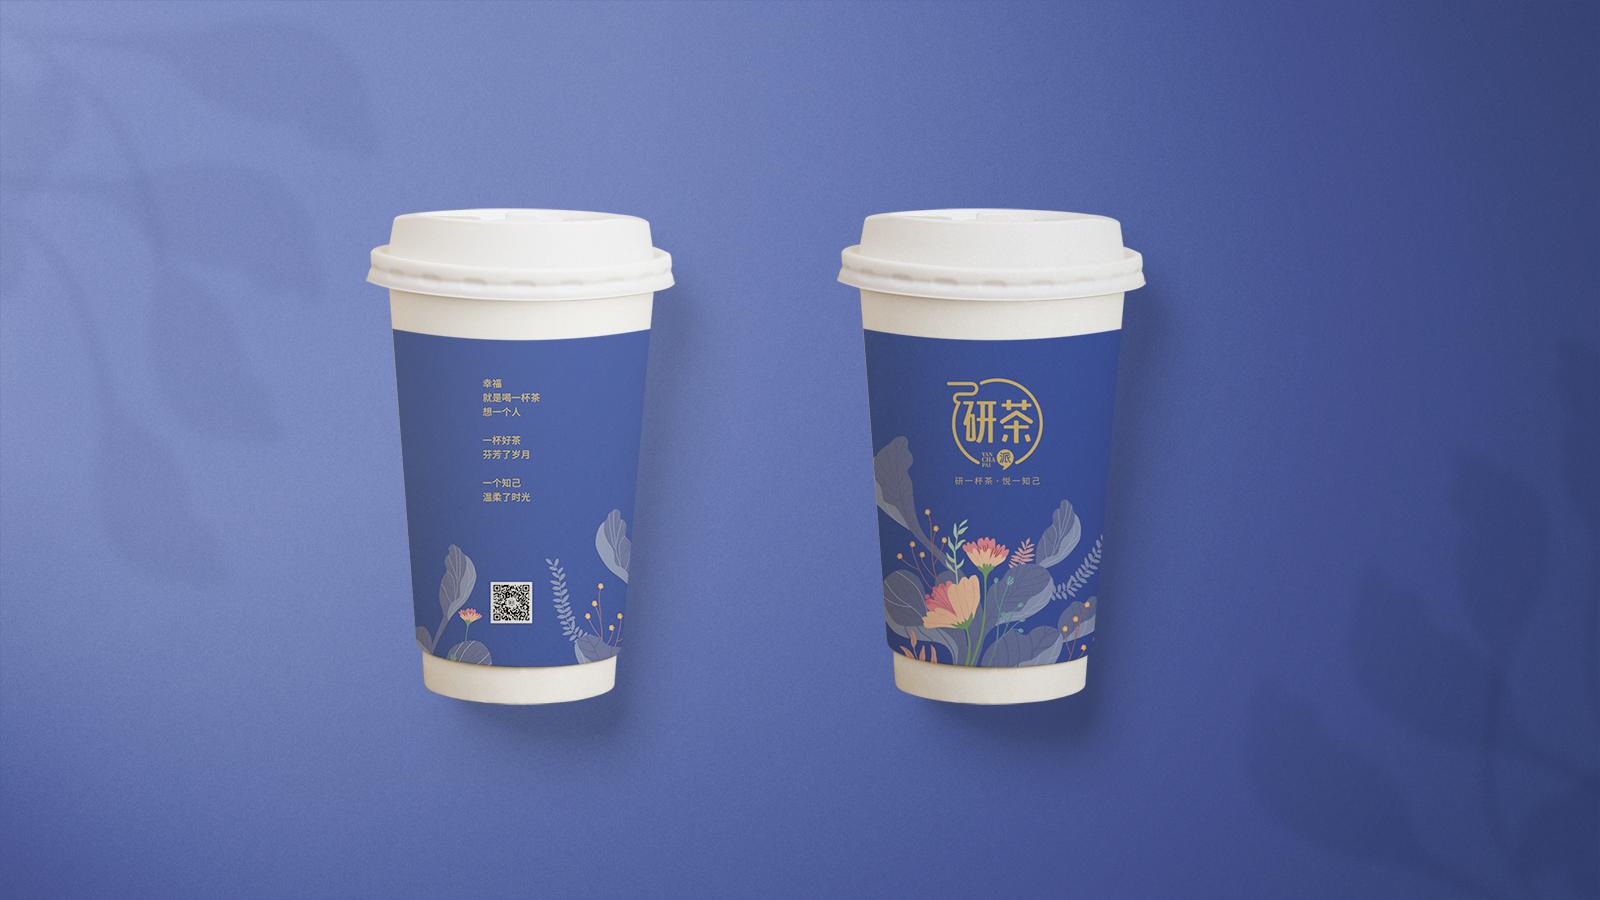 武汉奶茶品牌营销策划设计